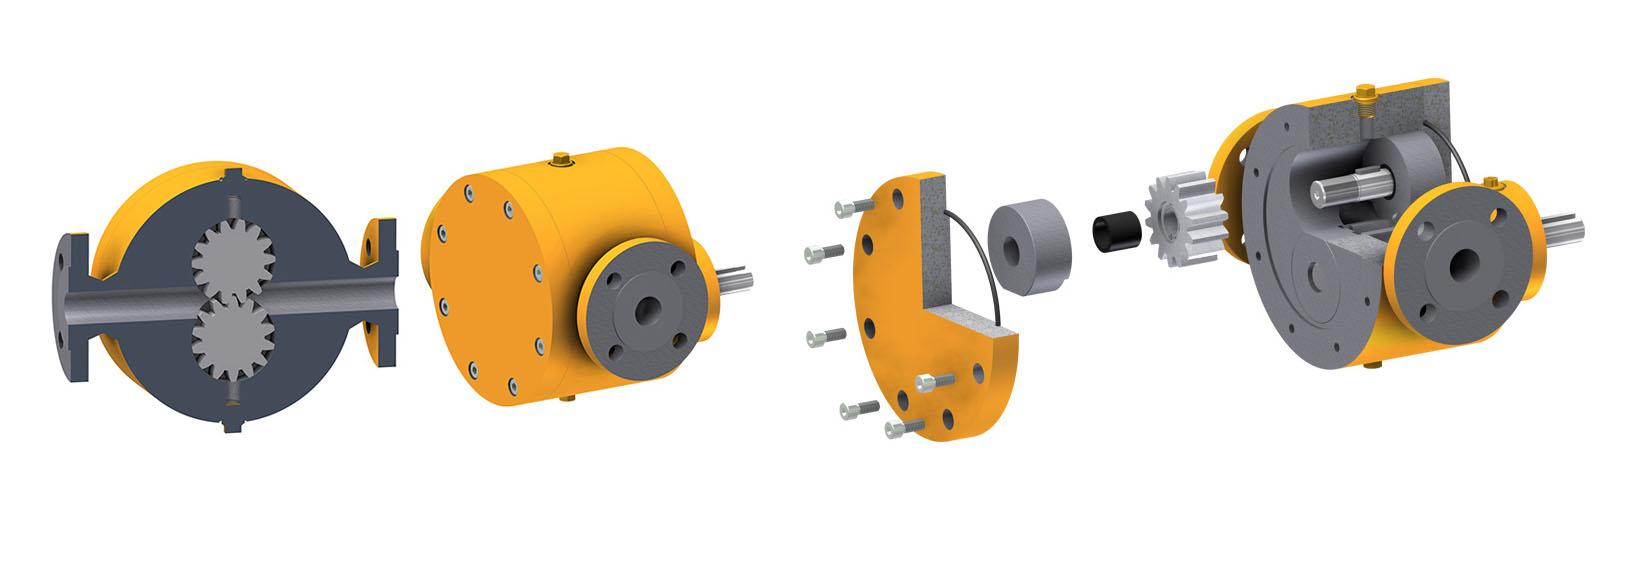 高温高压高粘度测试平台泵